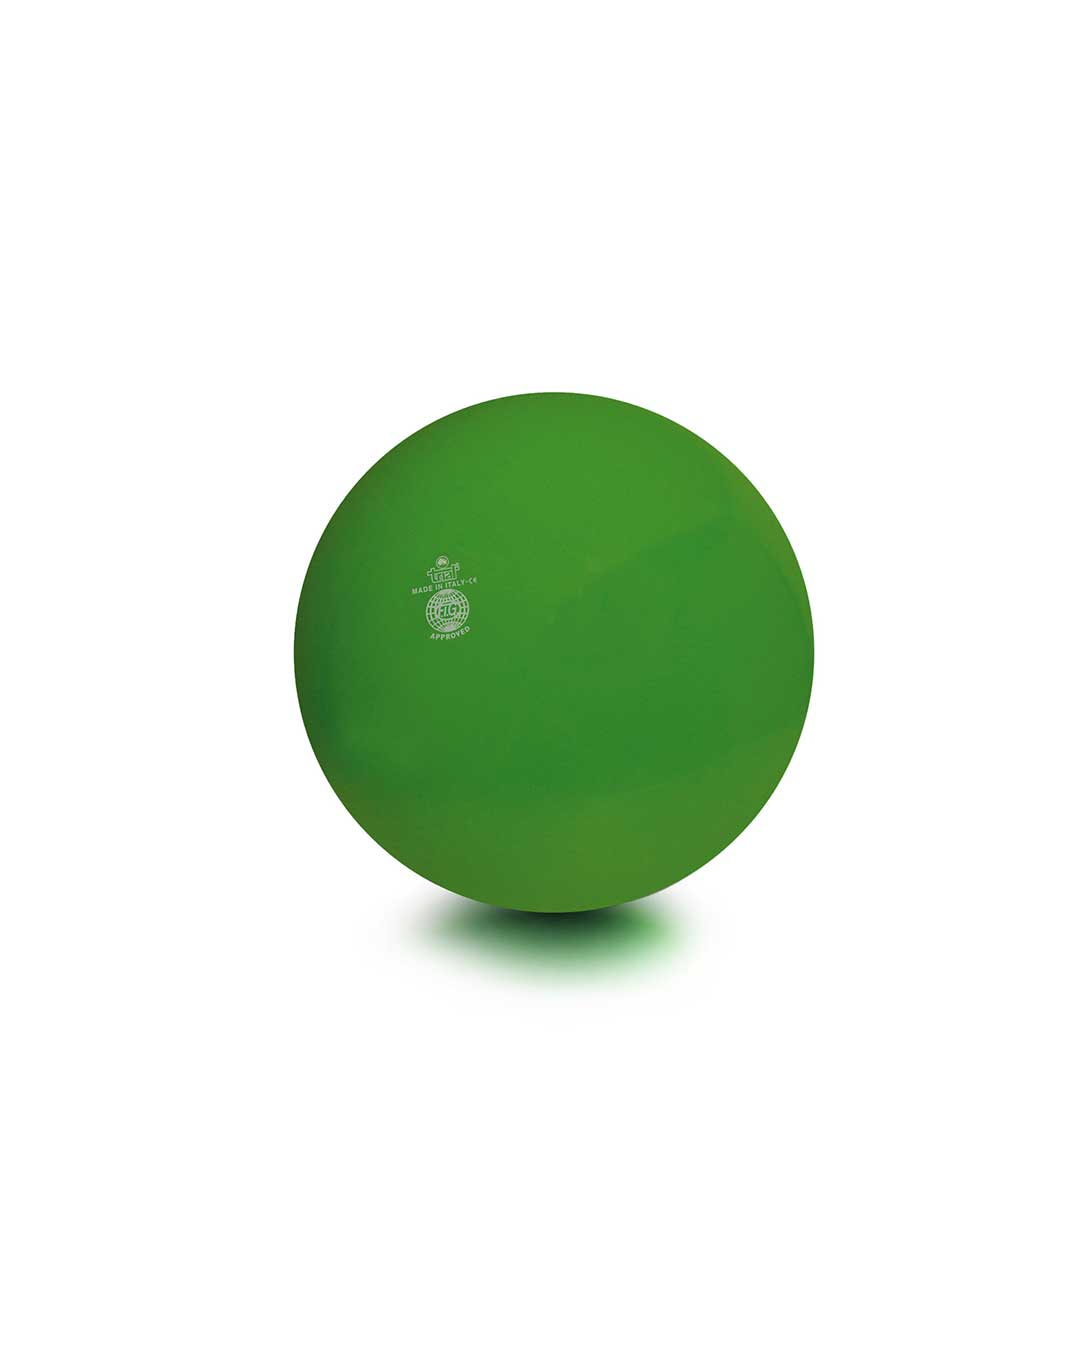 Balón liso de gimnasia rítmica TRIAL 42 verde claro Chile